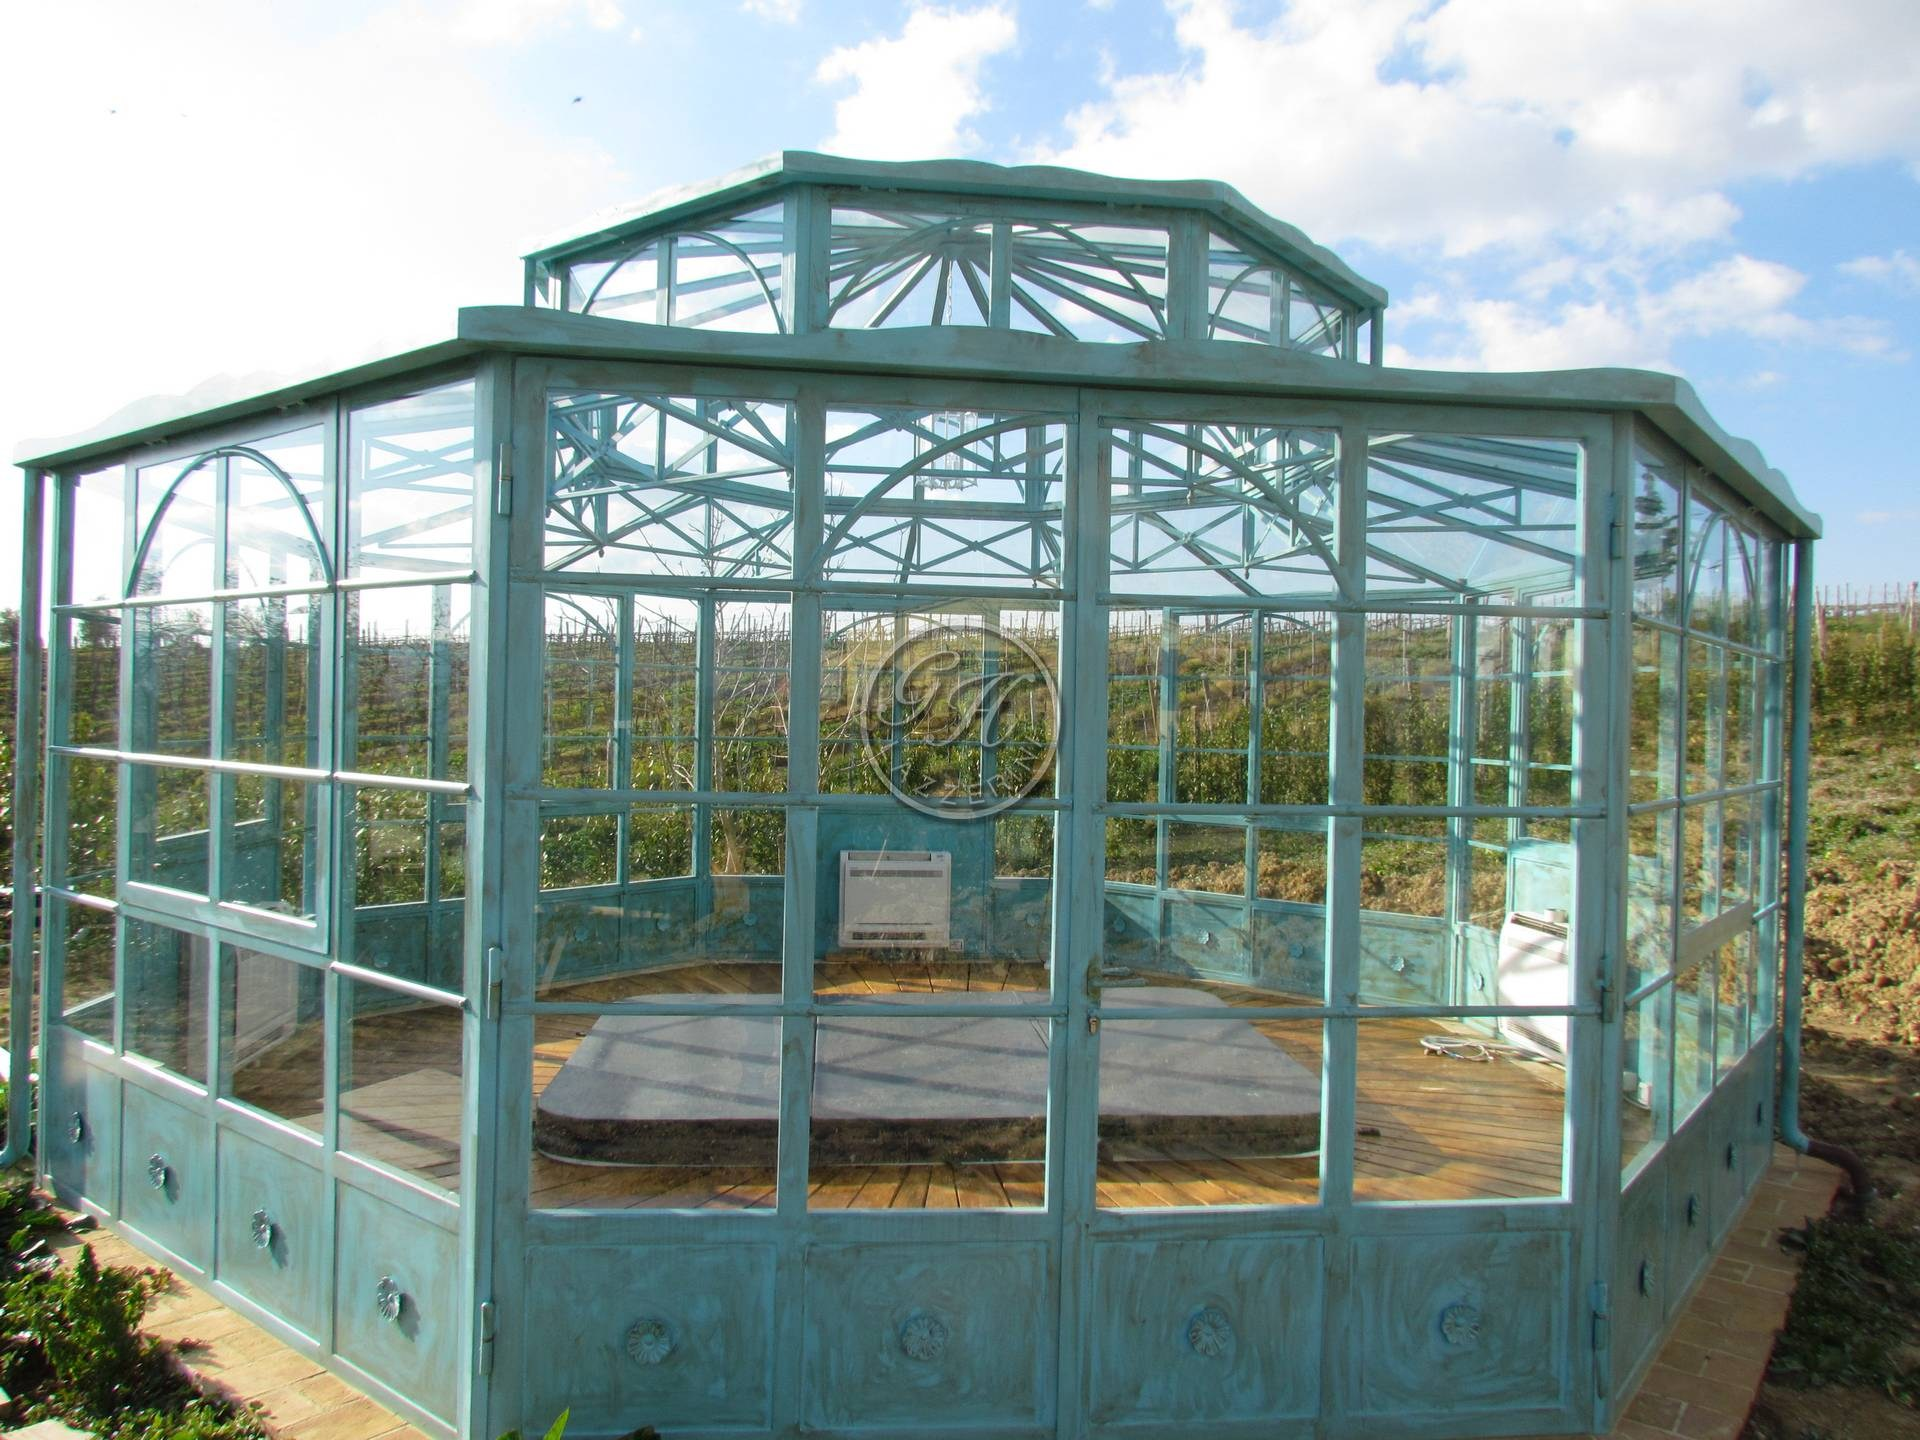 Latest giardino d inverno with giardino d inverno - Giardino d inverno in terrazza ...